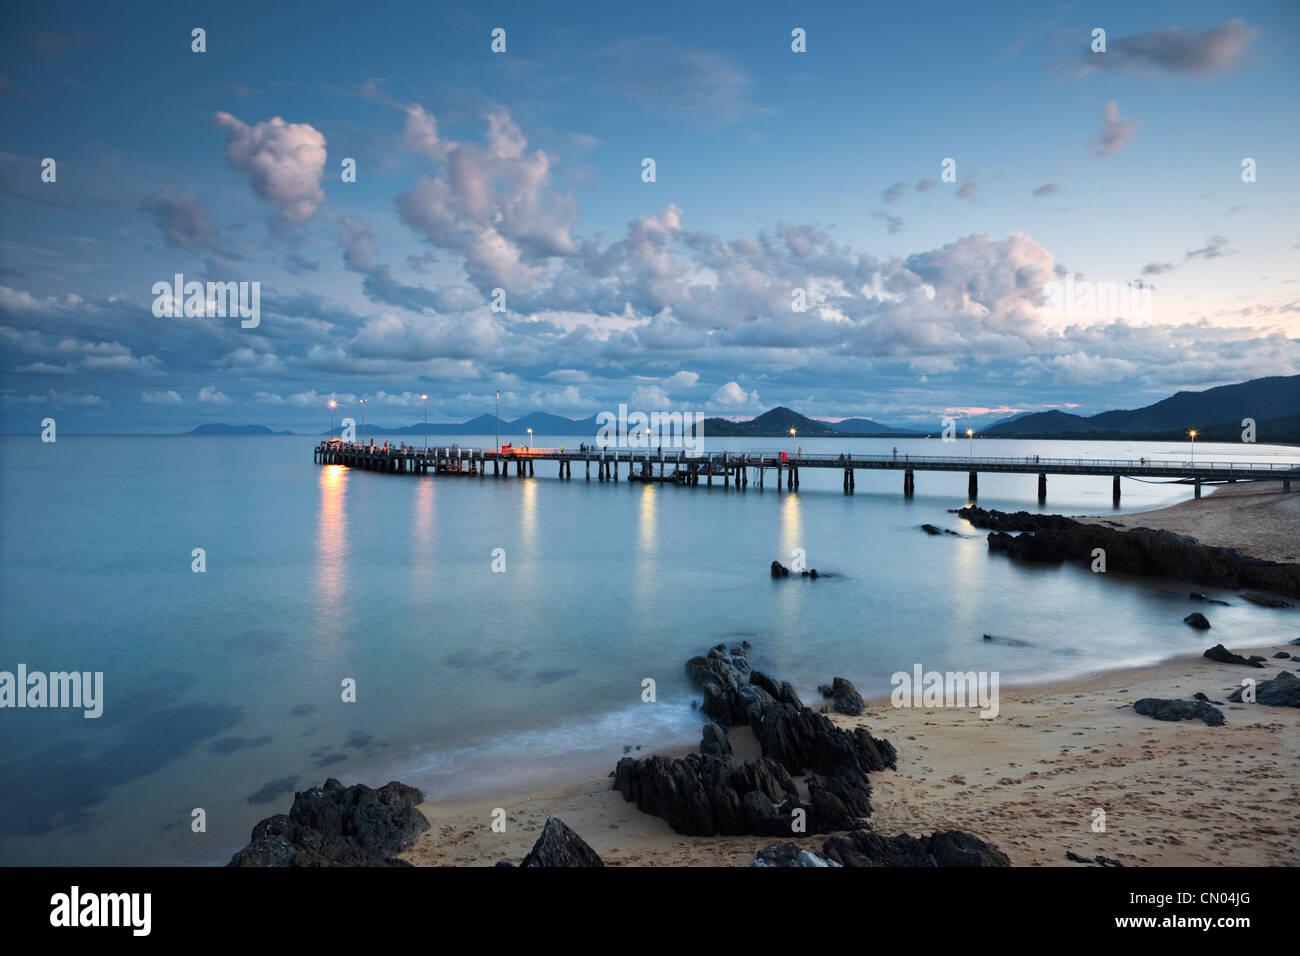 Jetée de Palm Cove, au crépuscule, près de Cairns, Queensland, Australie Photo Stock